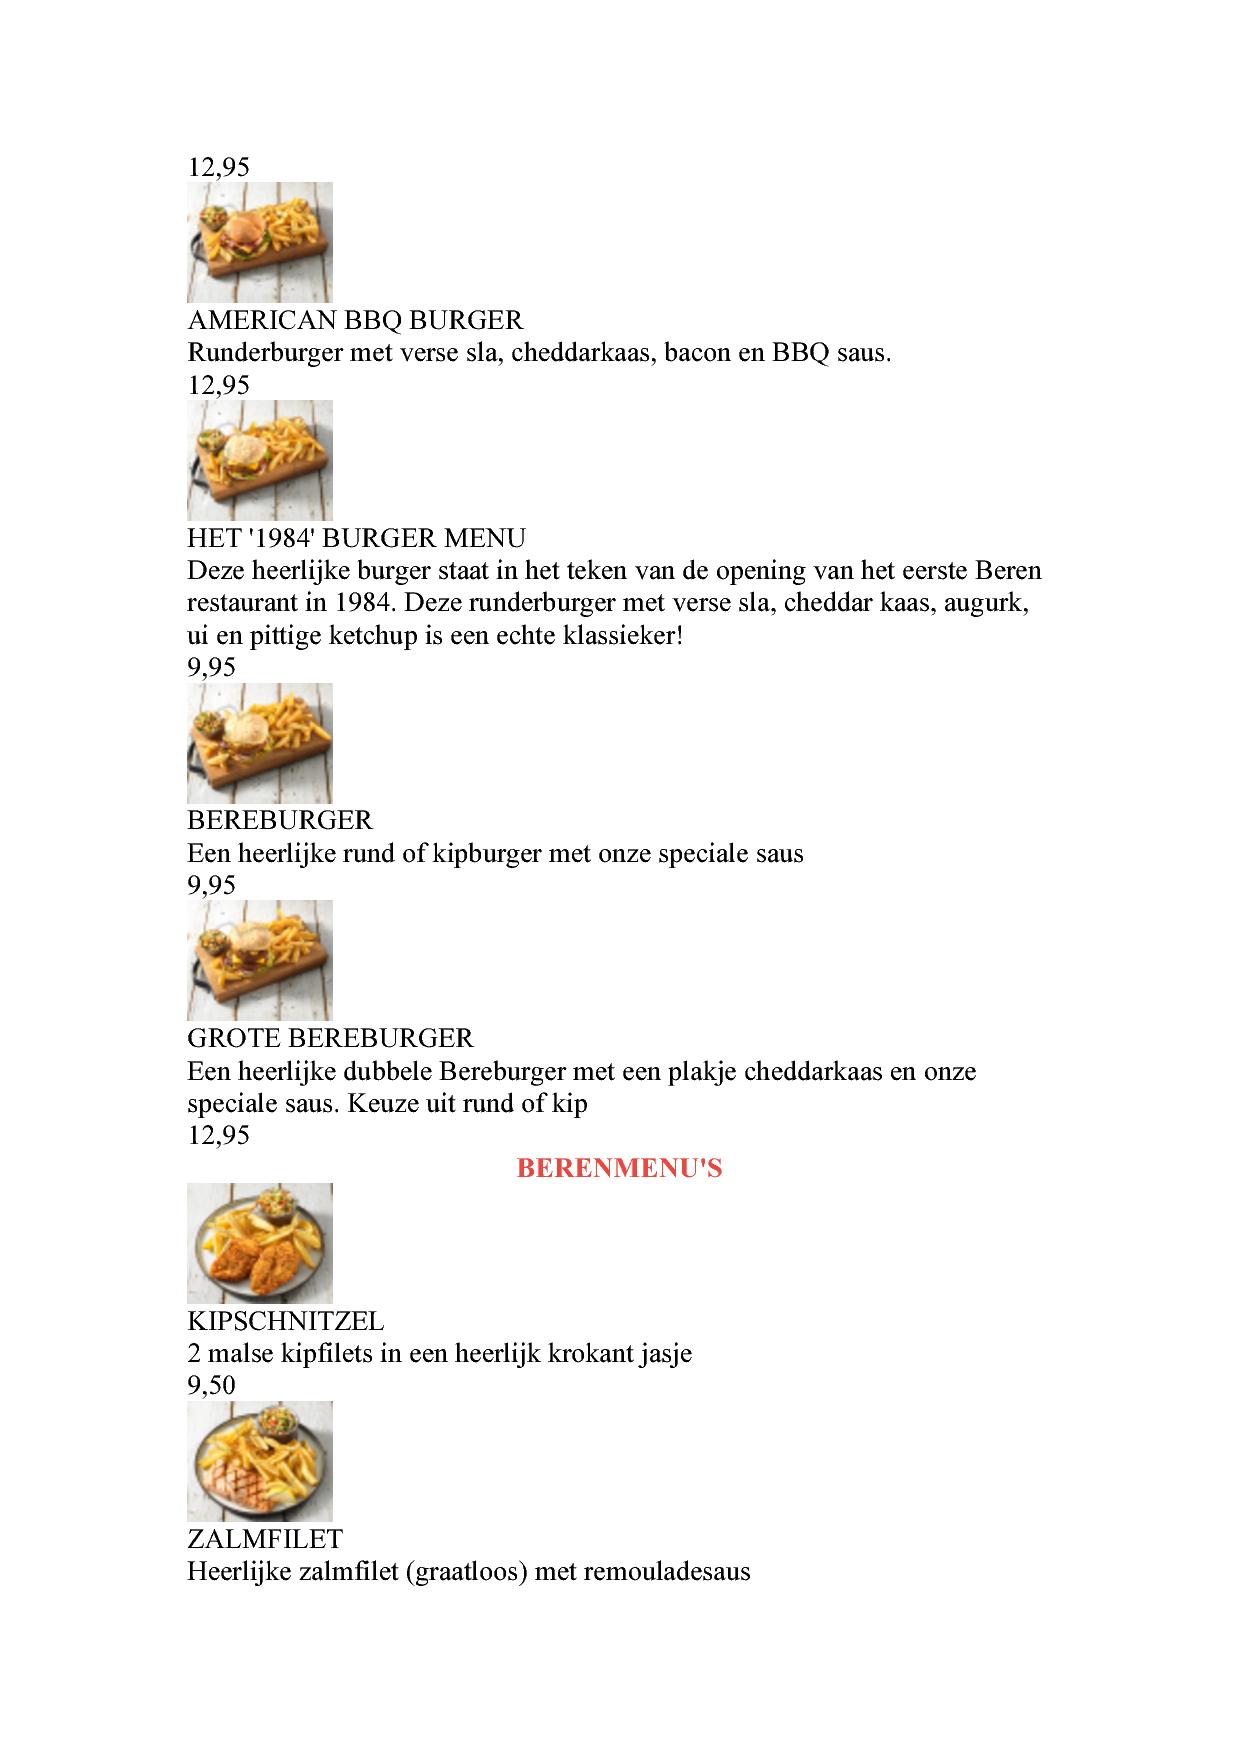 Menukaart De Beren Zoetermeer Eetnu